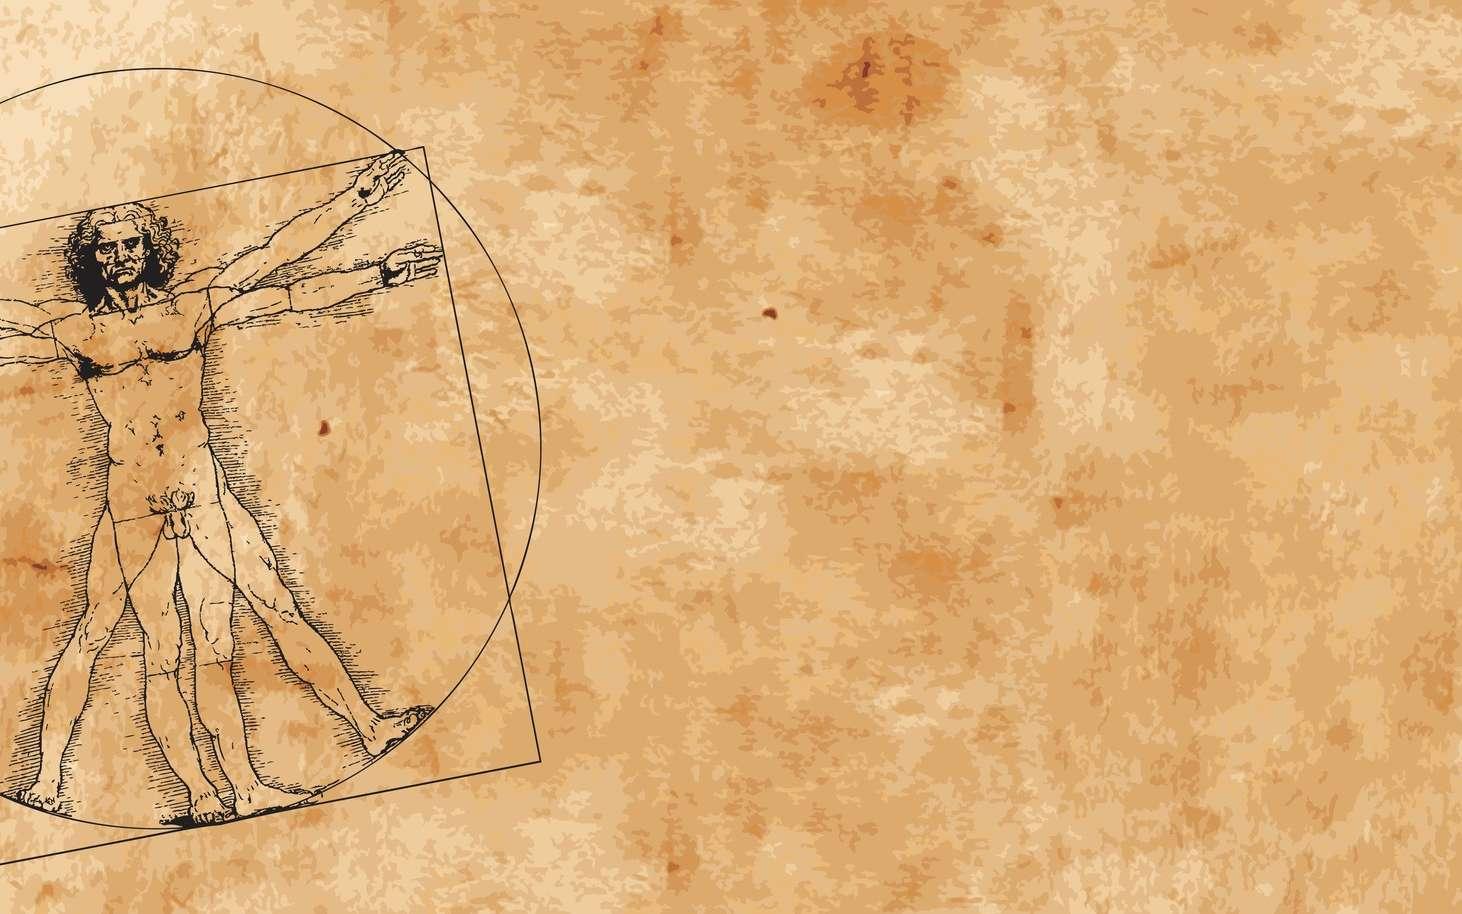 Léonard de Vinci est né à Vinci le 15 avril 1452 et est mort à Amboise le 2 mai 1519. Il fut à la fois peintre florentin, scientifique, inventeur, anatomiste, sculpteur, architecte, urbaniste, botaniste, musicien, poète, philosophe et écrivain. Un croquis d'un des ses manuscrits est le premier témoignage de l'existence des fossiles Paleodictyon. © HP_Photo, Fotolia